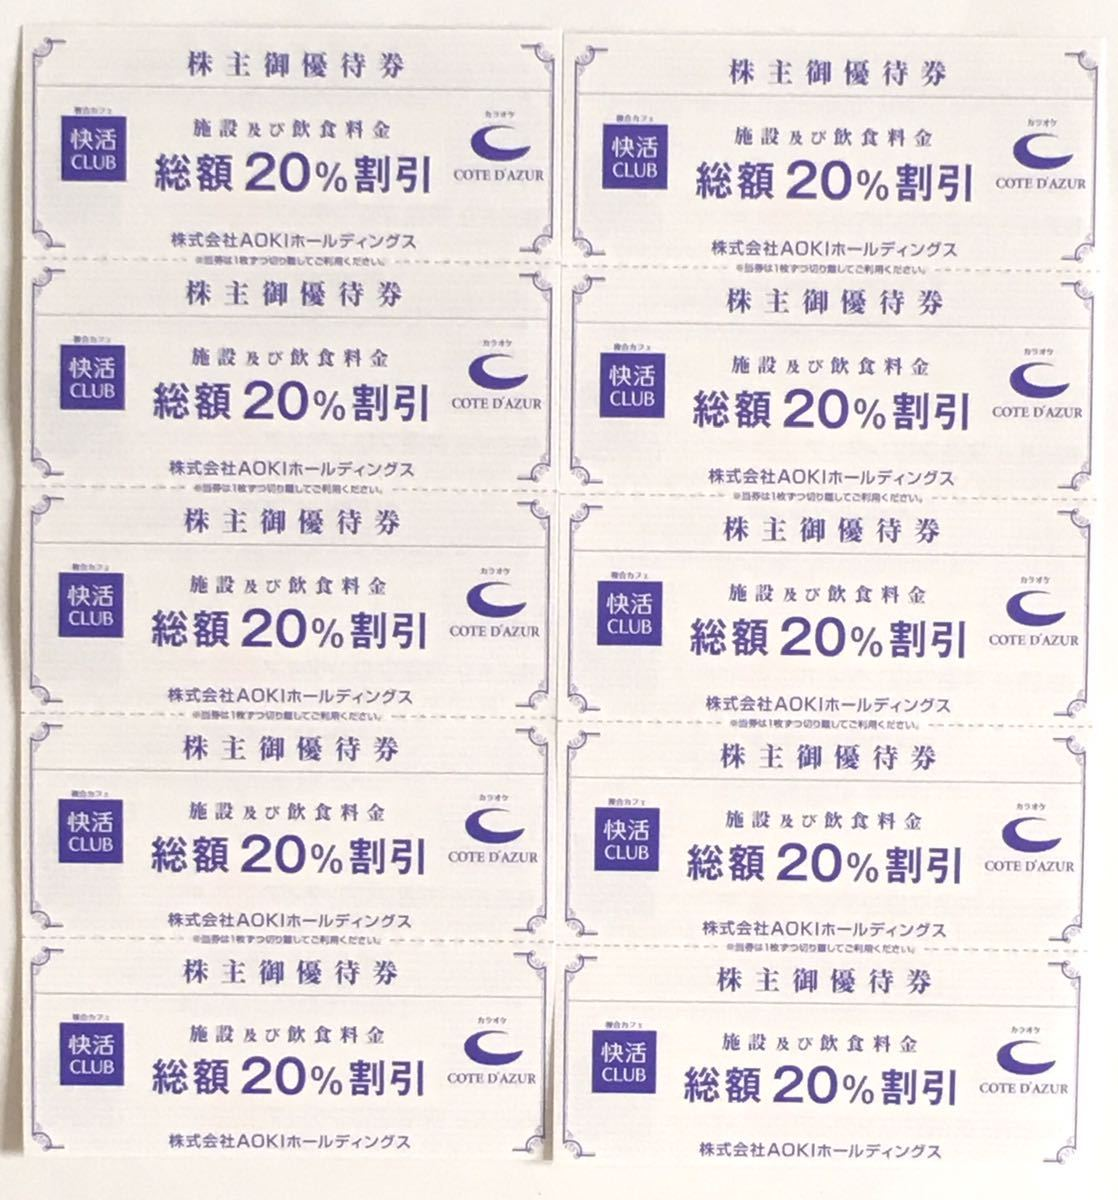 AOKI アオキ 快活CLUB コートダジュール 20%割引券 10枚 株主優待券_画像1